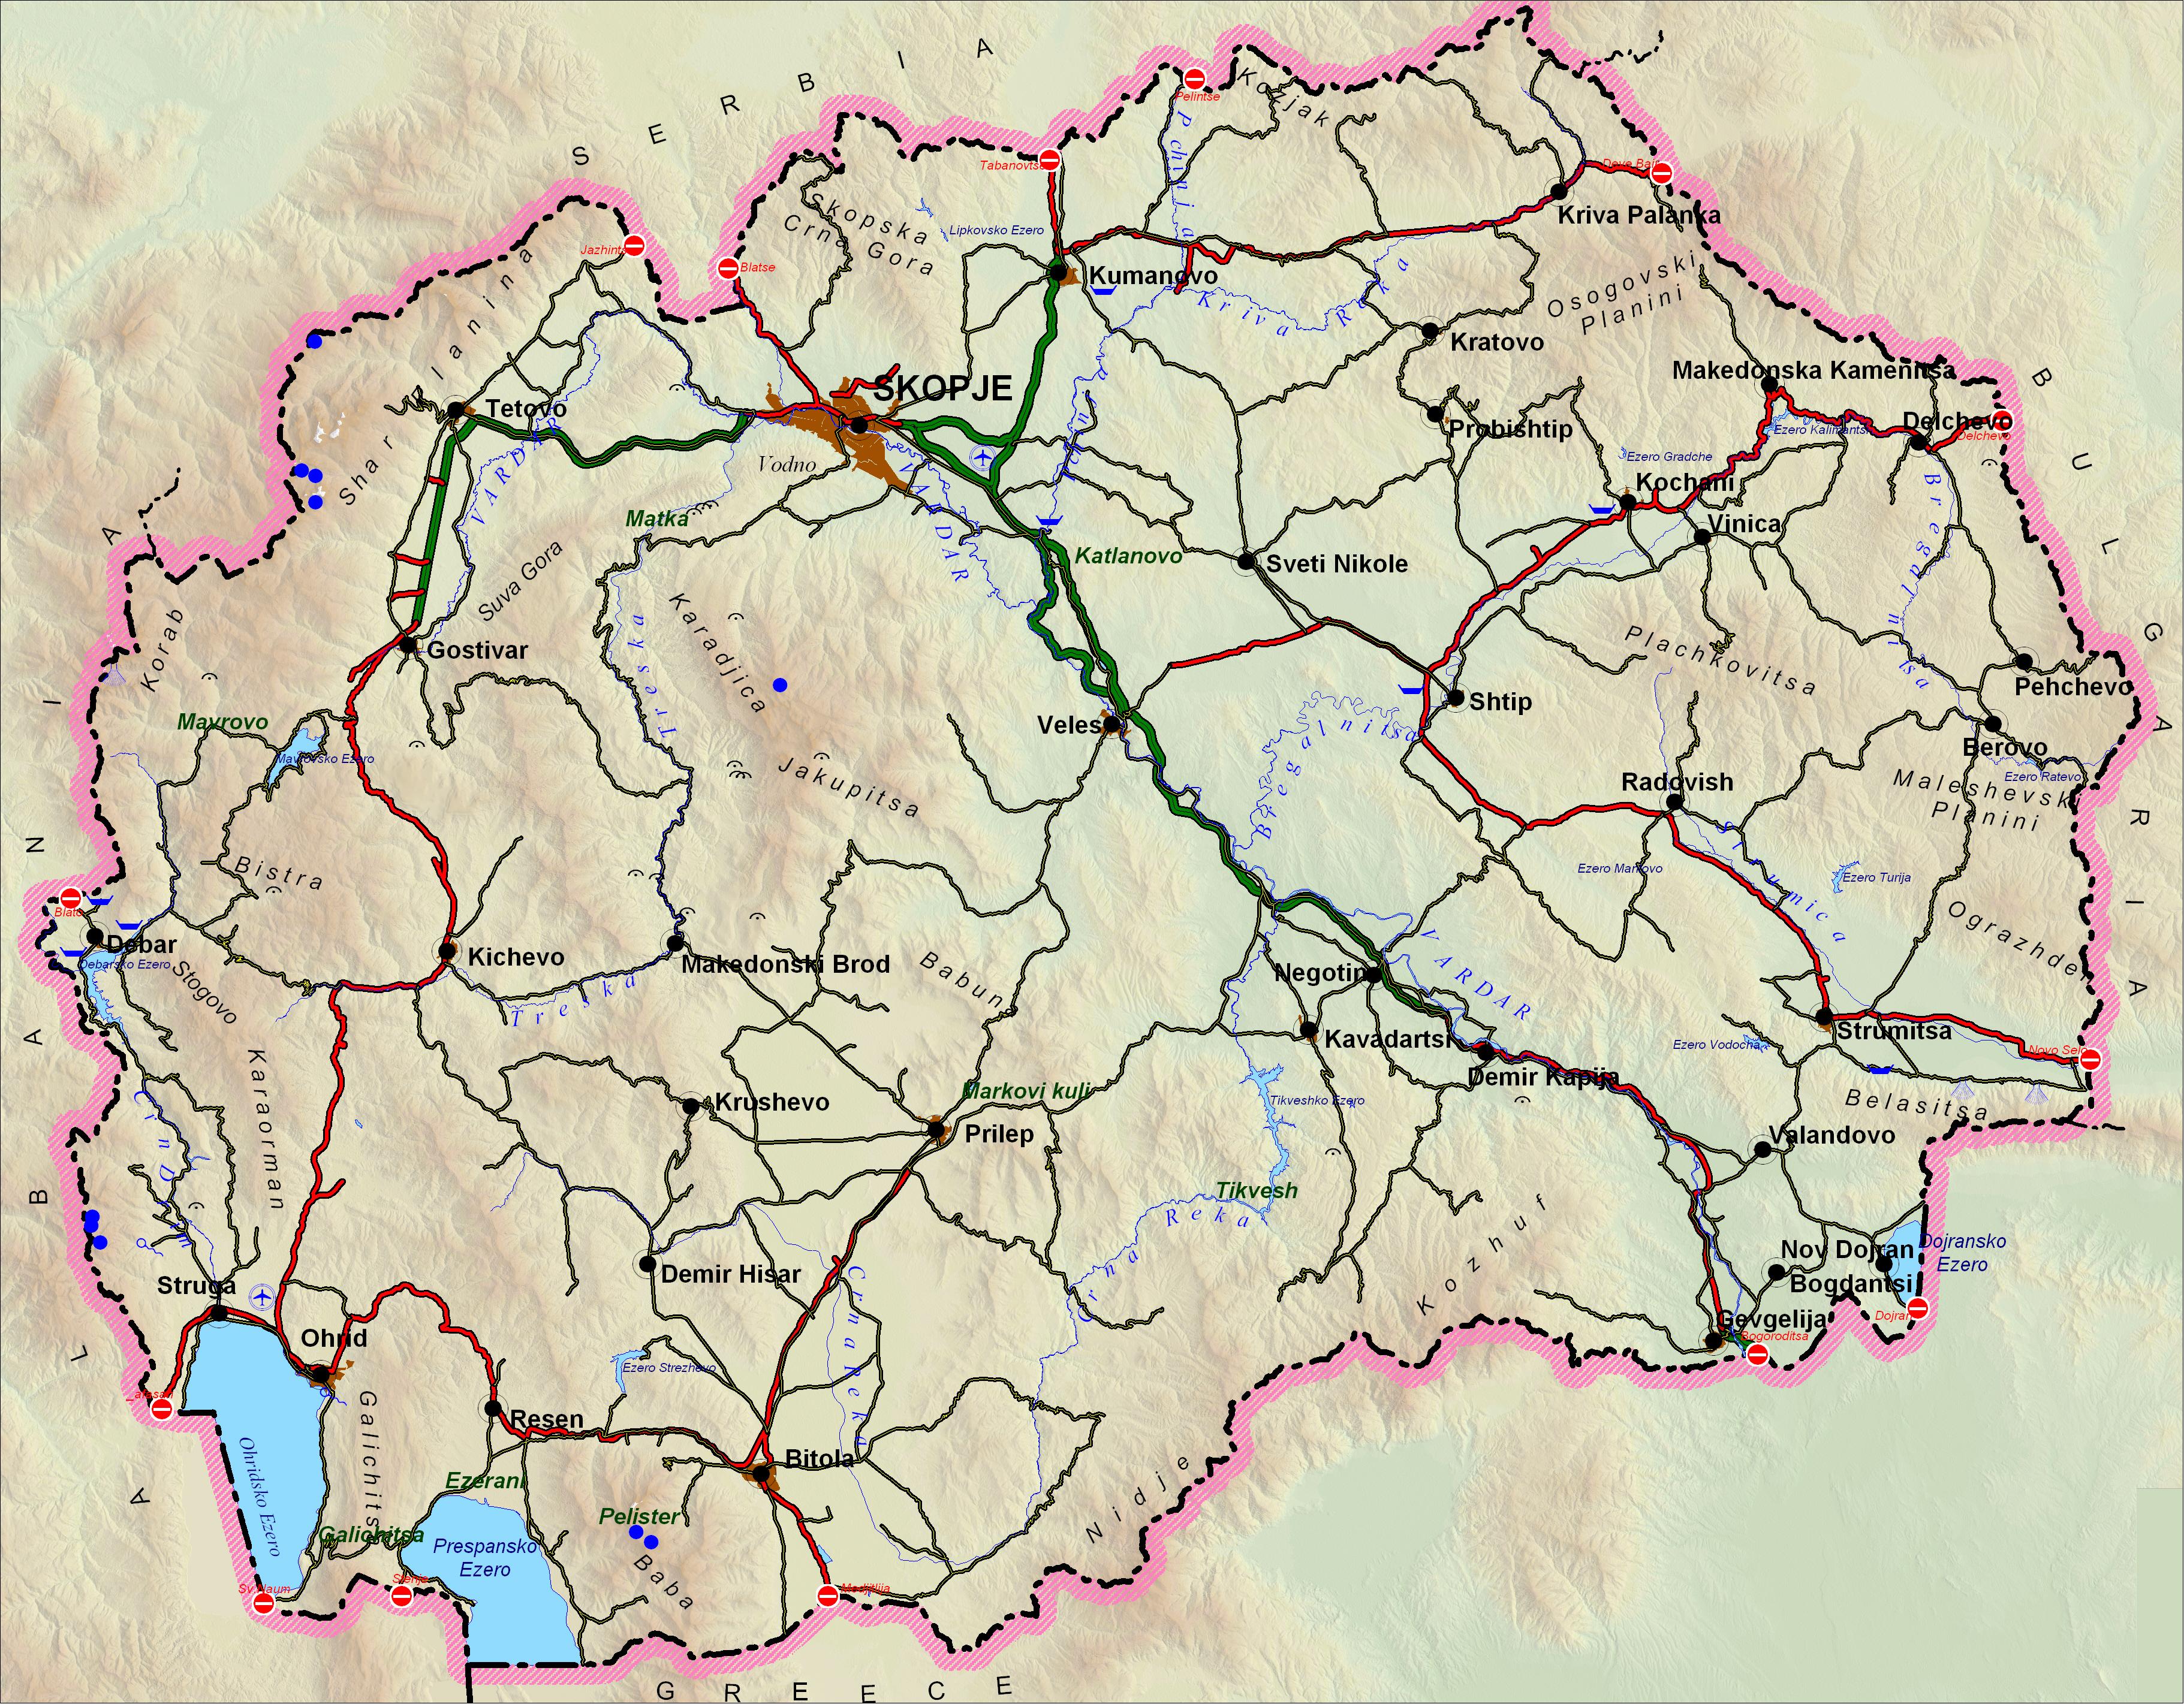 Map 1: Former Yugoslav Republic of Macedonia